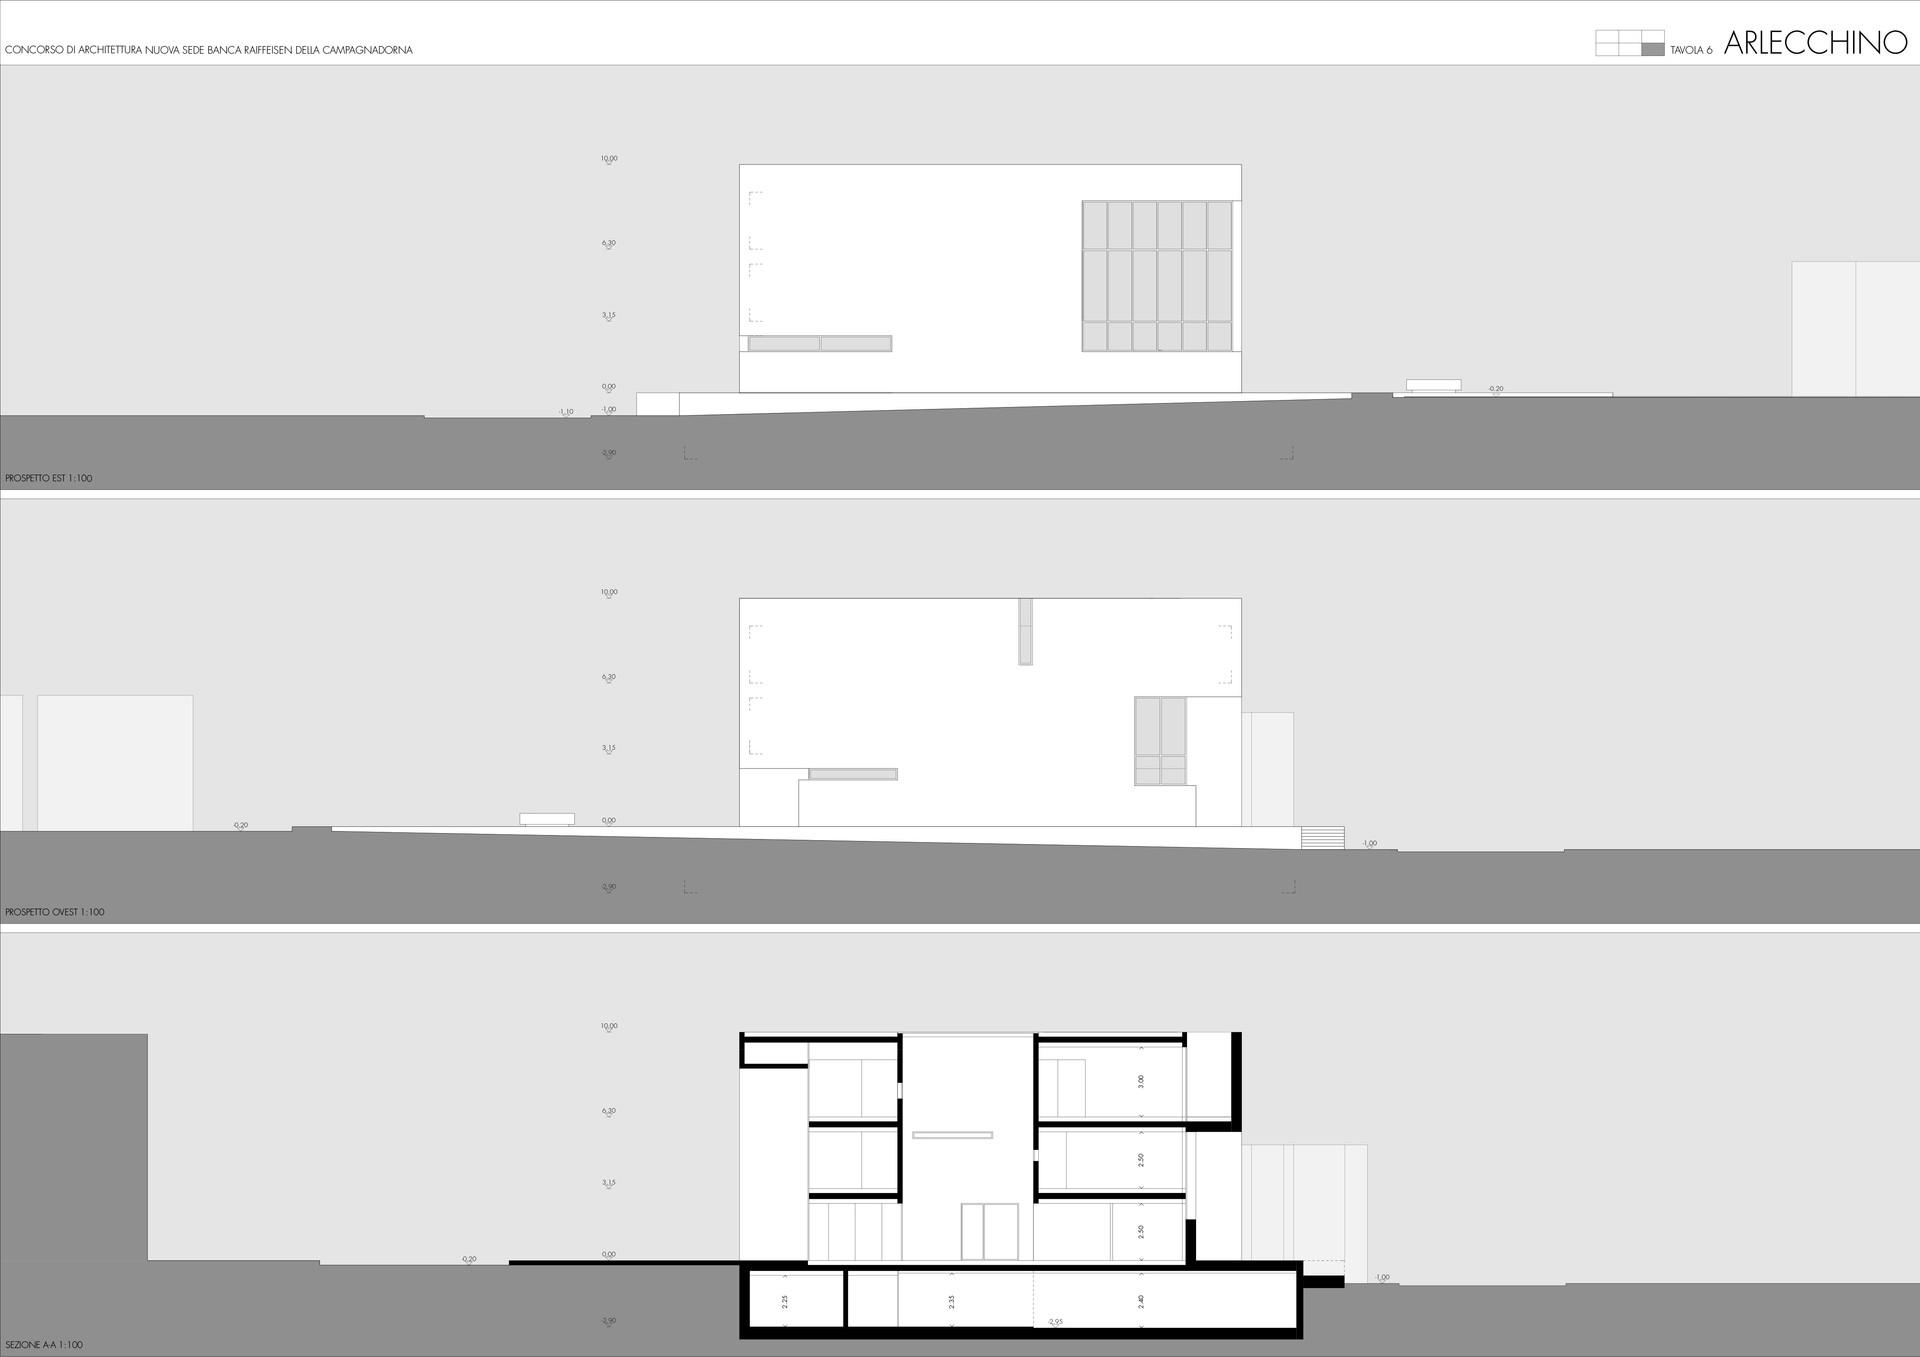 tavola 6.jpg